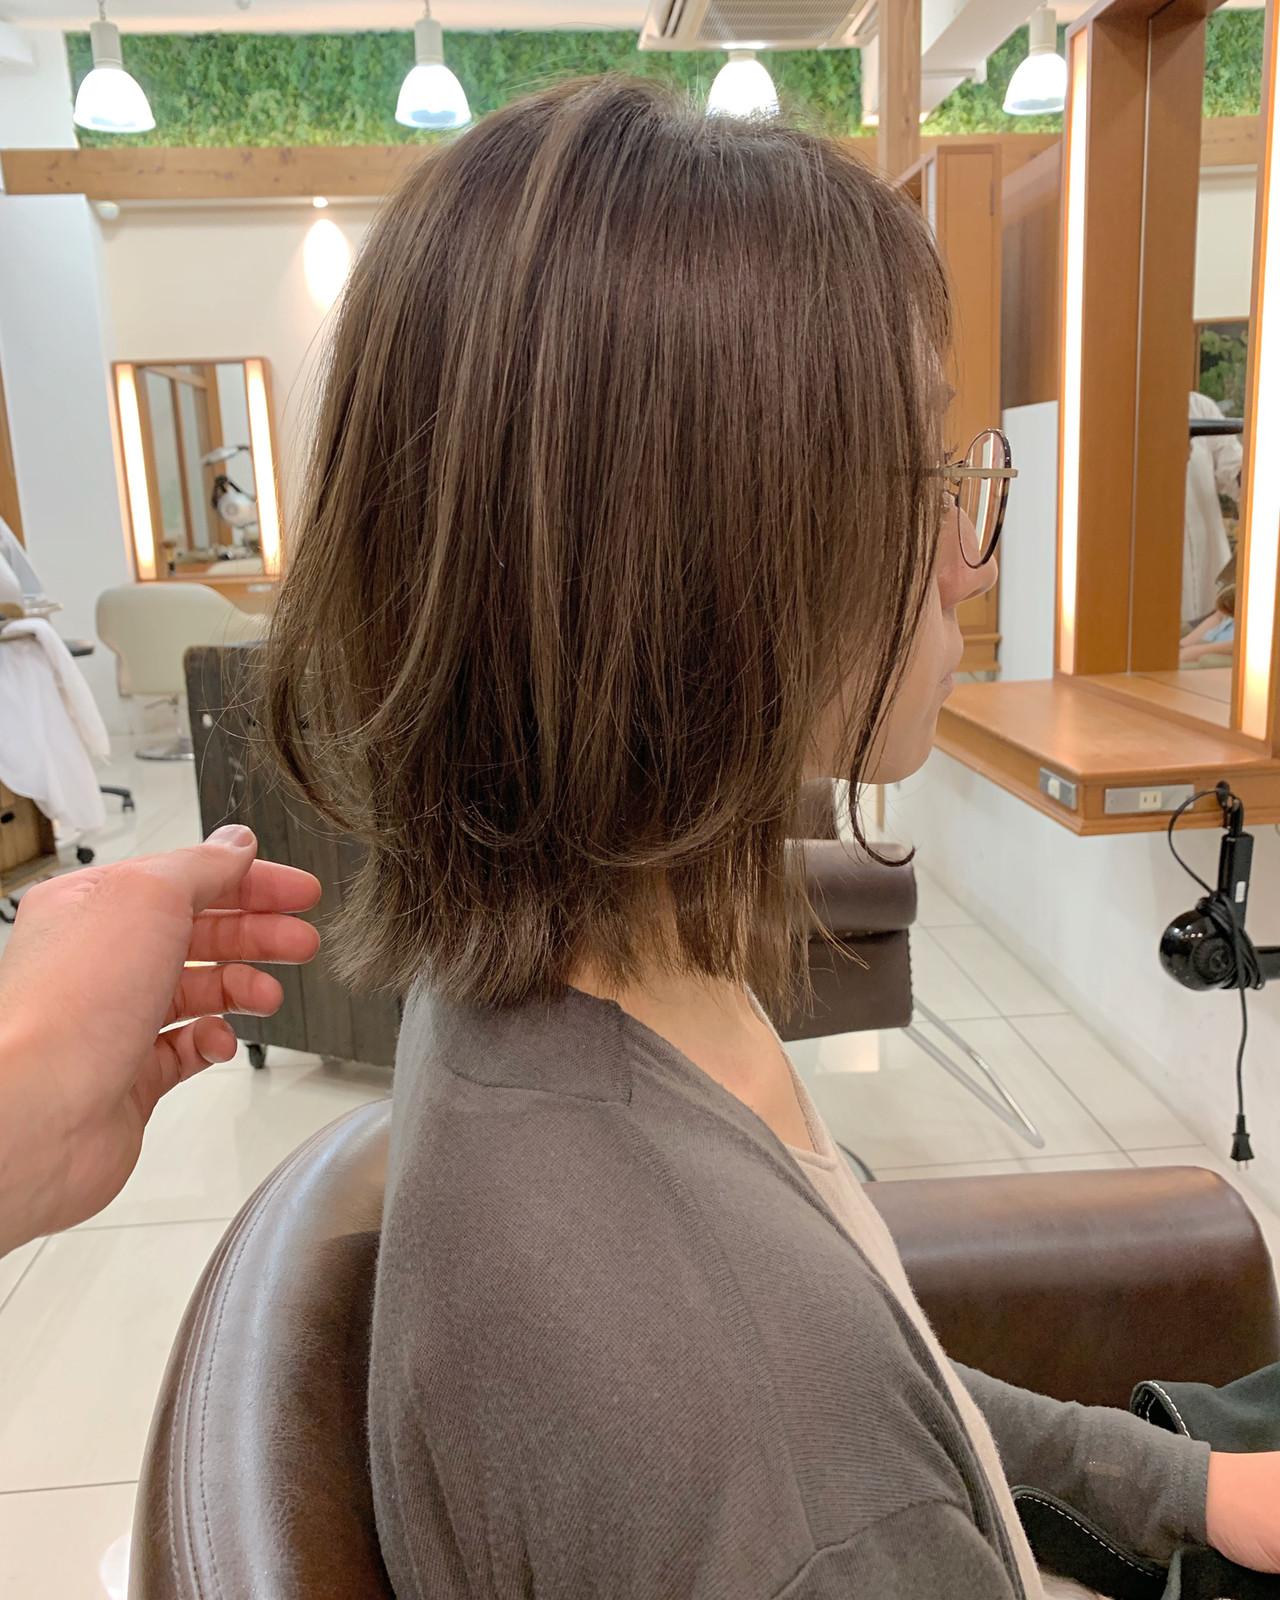 ふんわり 簡単ヘアアレンジ ボブ 可愛い ヘアスタイルや髪型の写真・画像 | 【つくば美容師】ショートヘア愛好家/矢崎 翔太 / ジールサロン